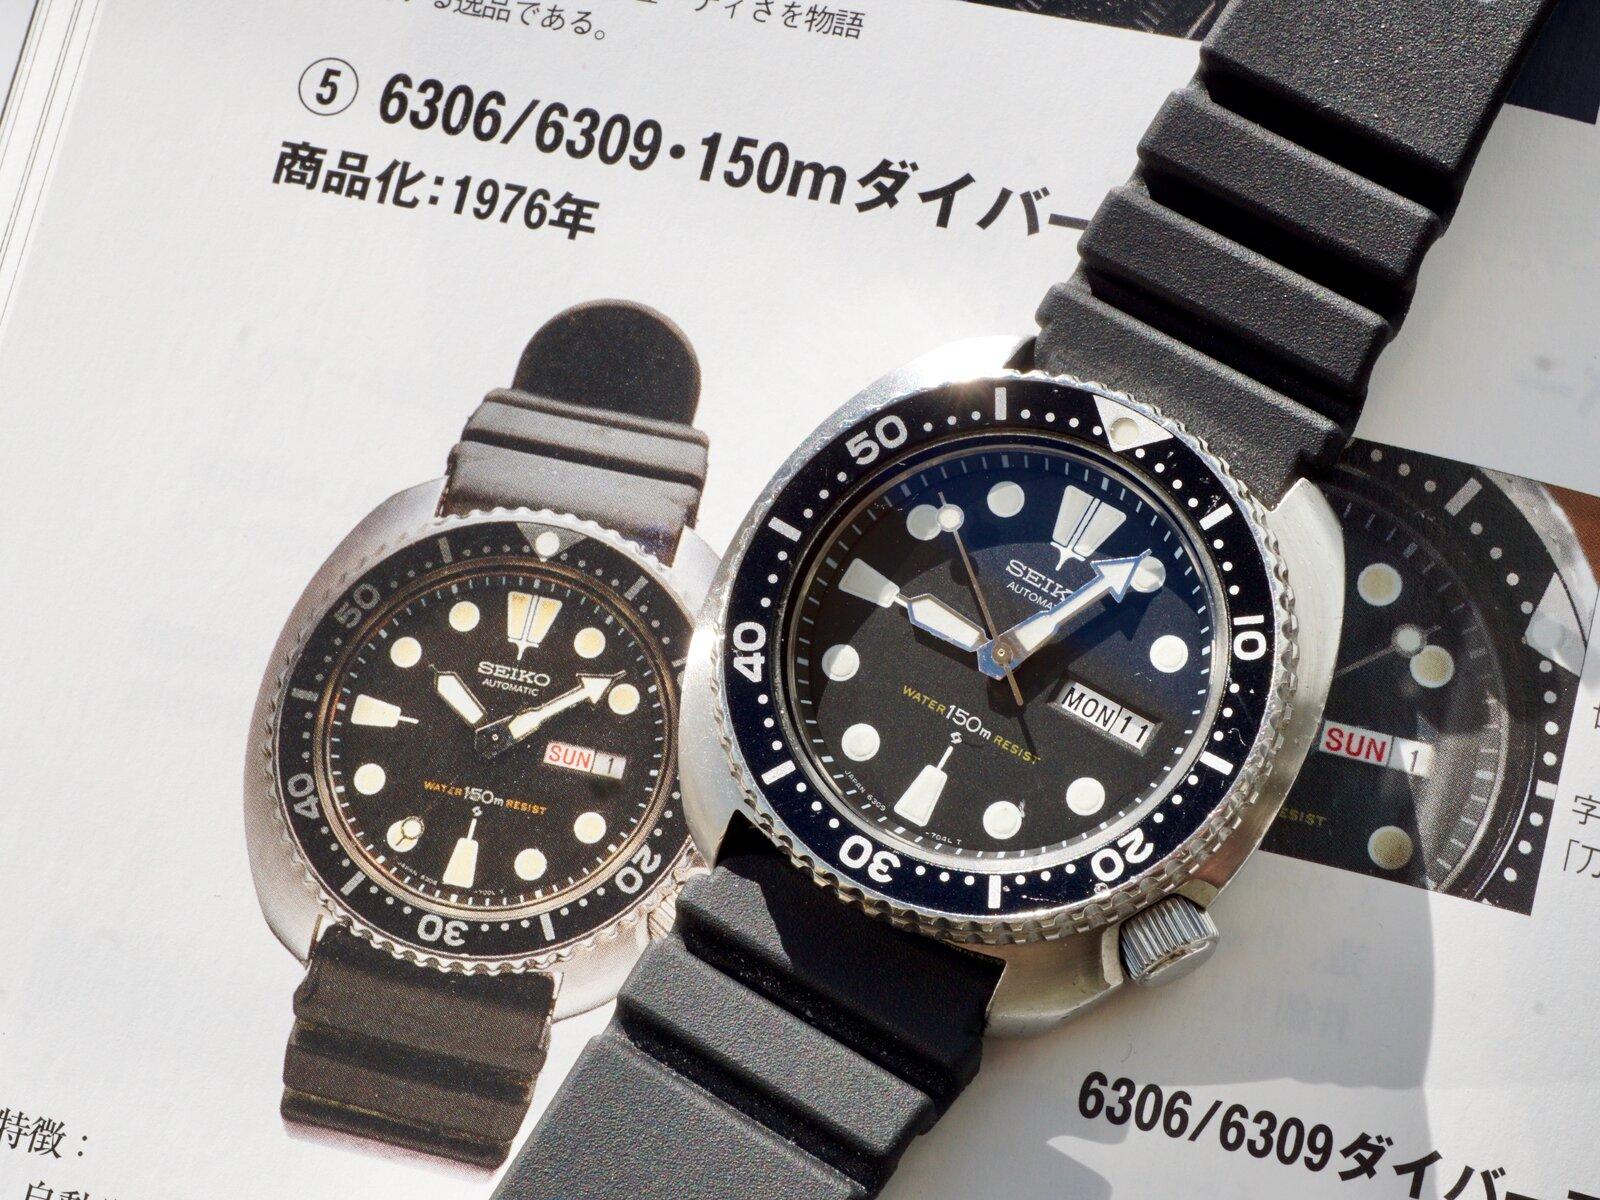 270E1B9F-E66D-4C60-A96D-1D9CD1DB742A.